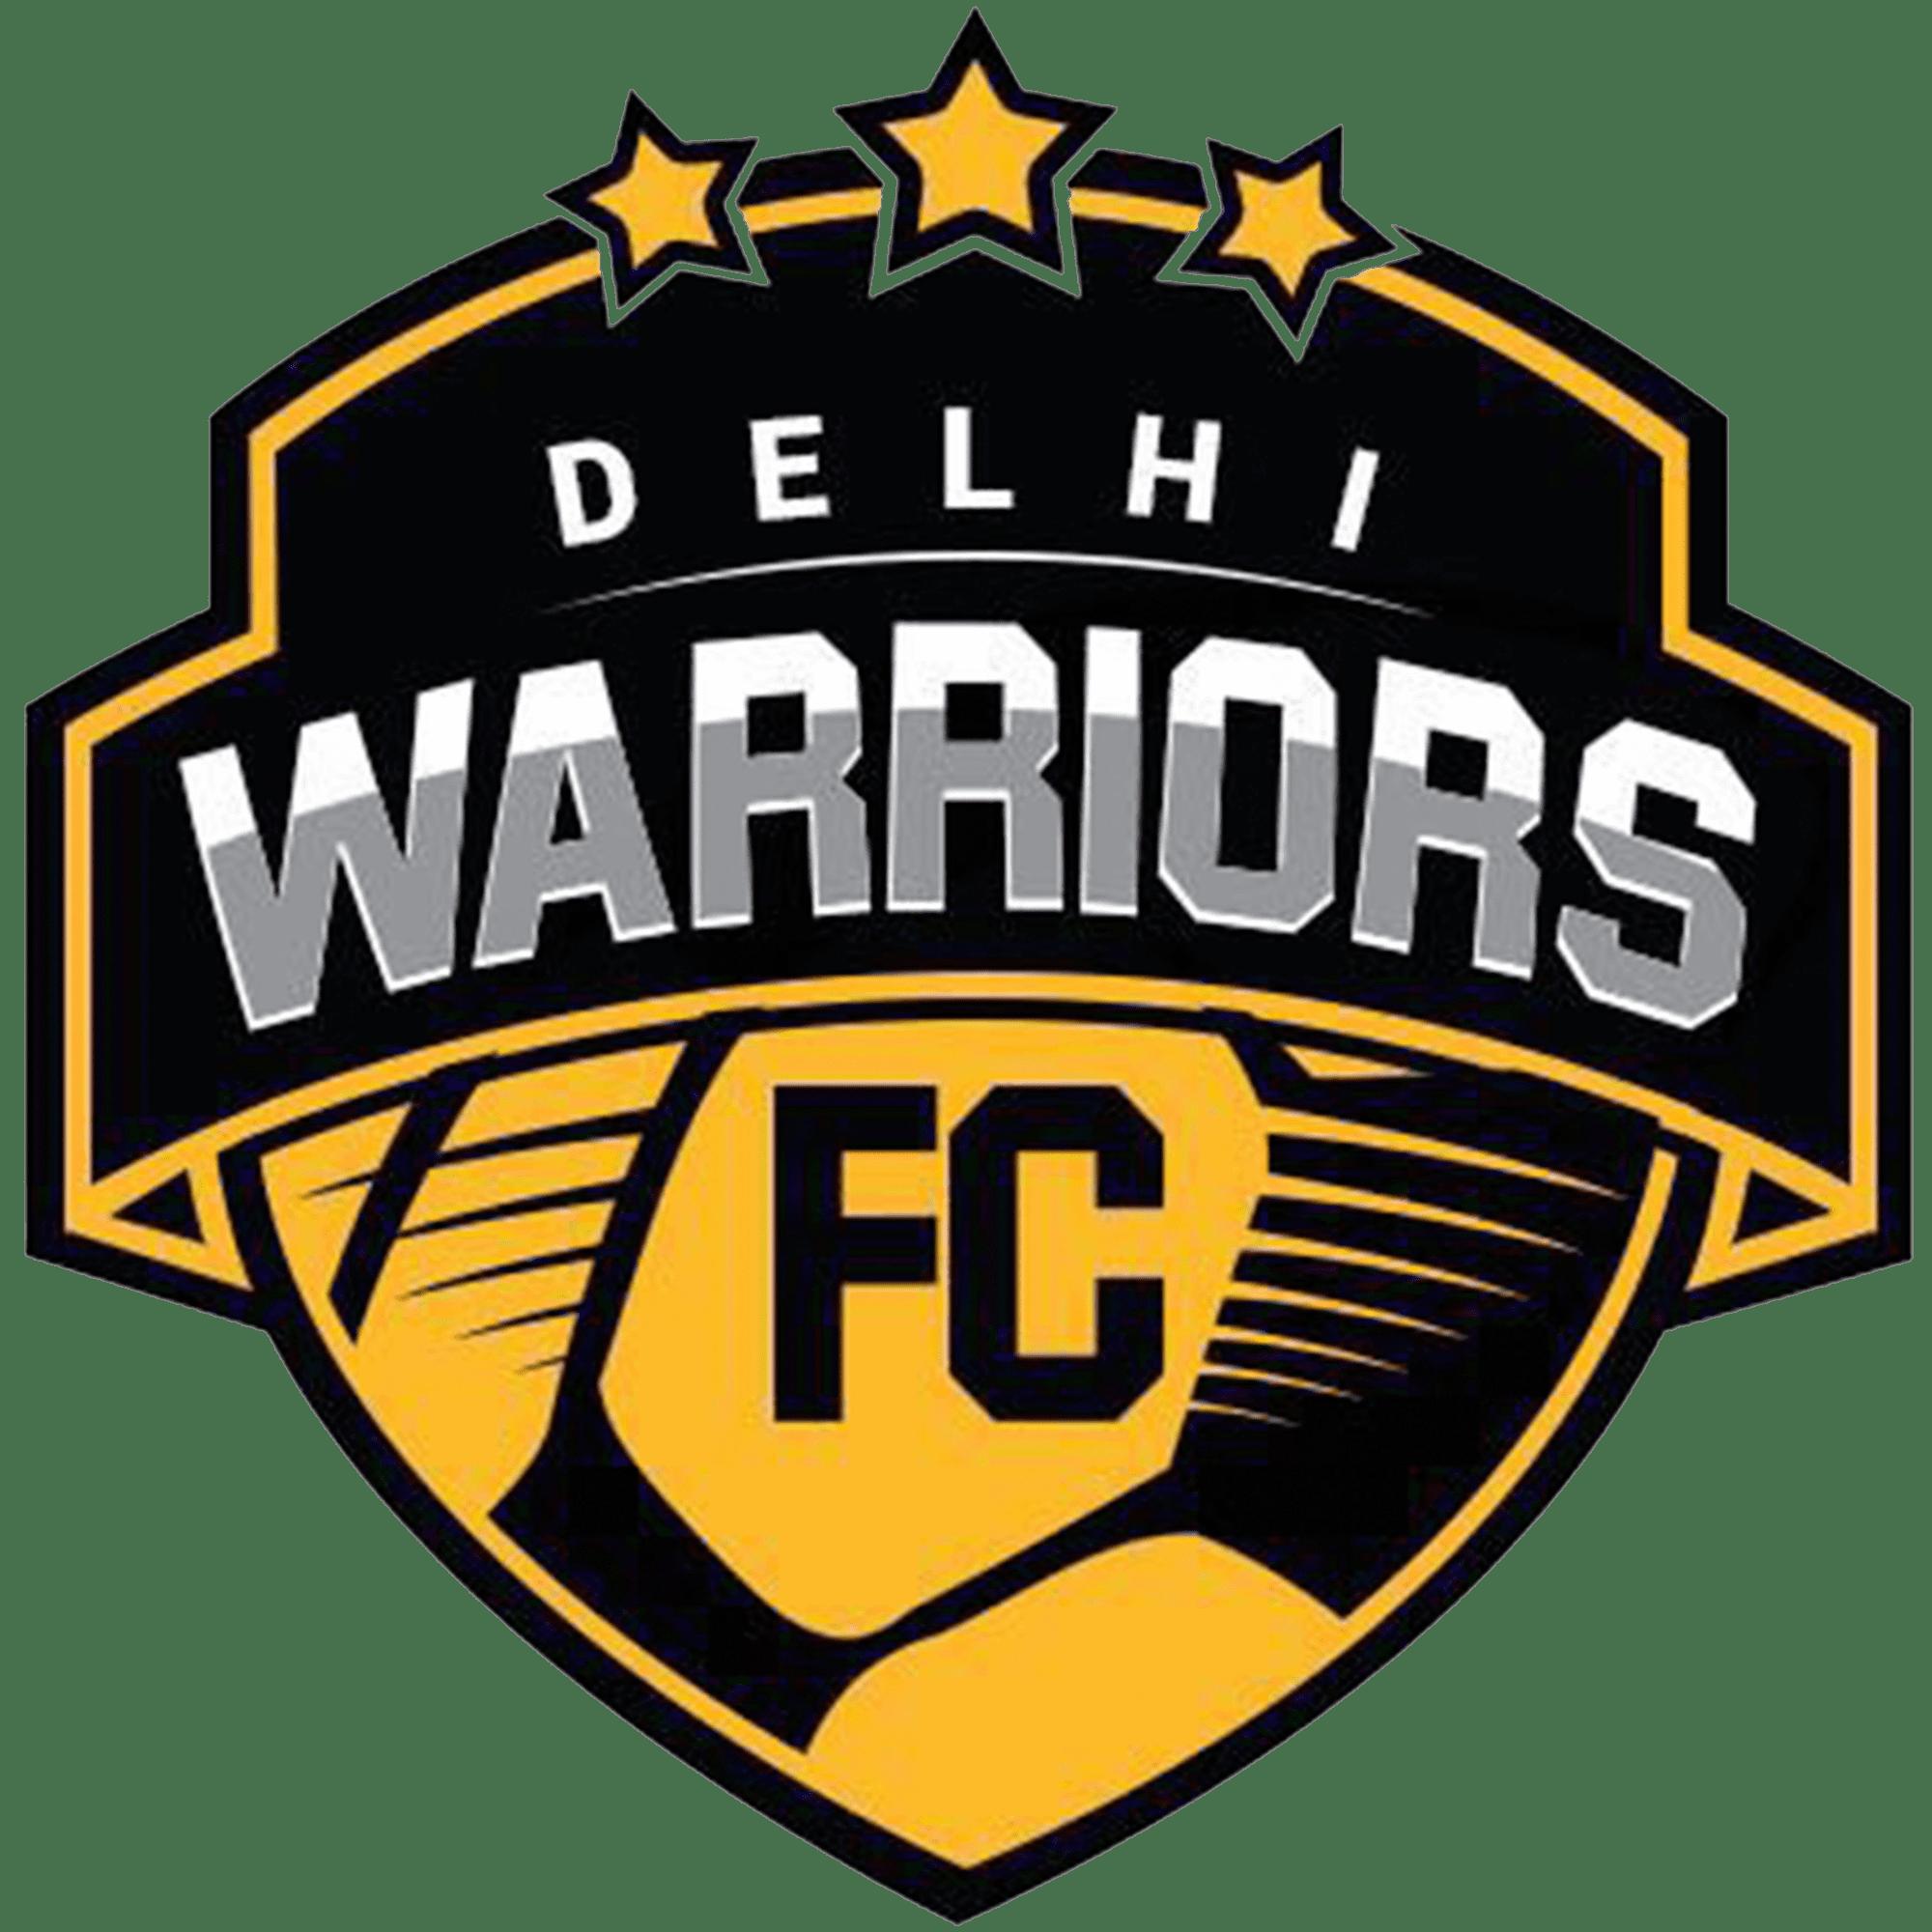 Delhi Warriors FC